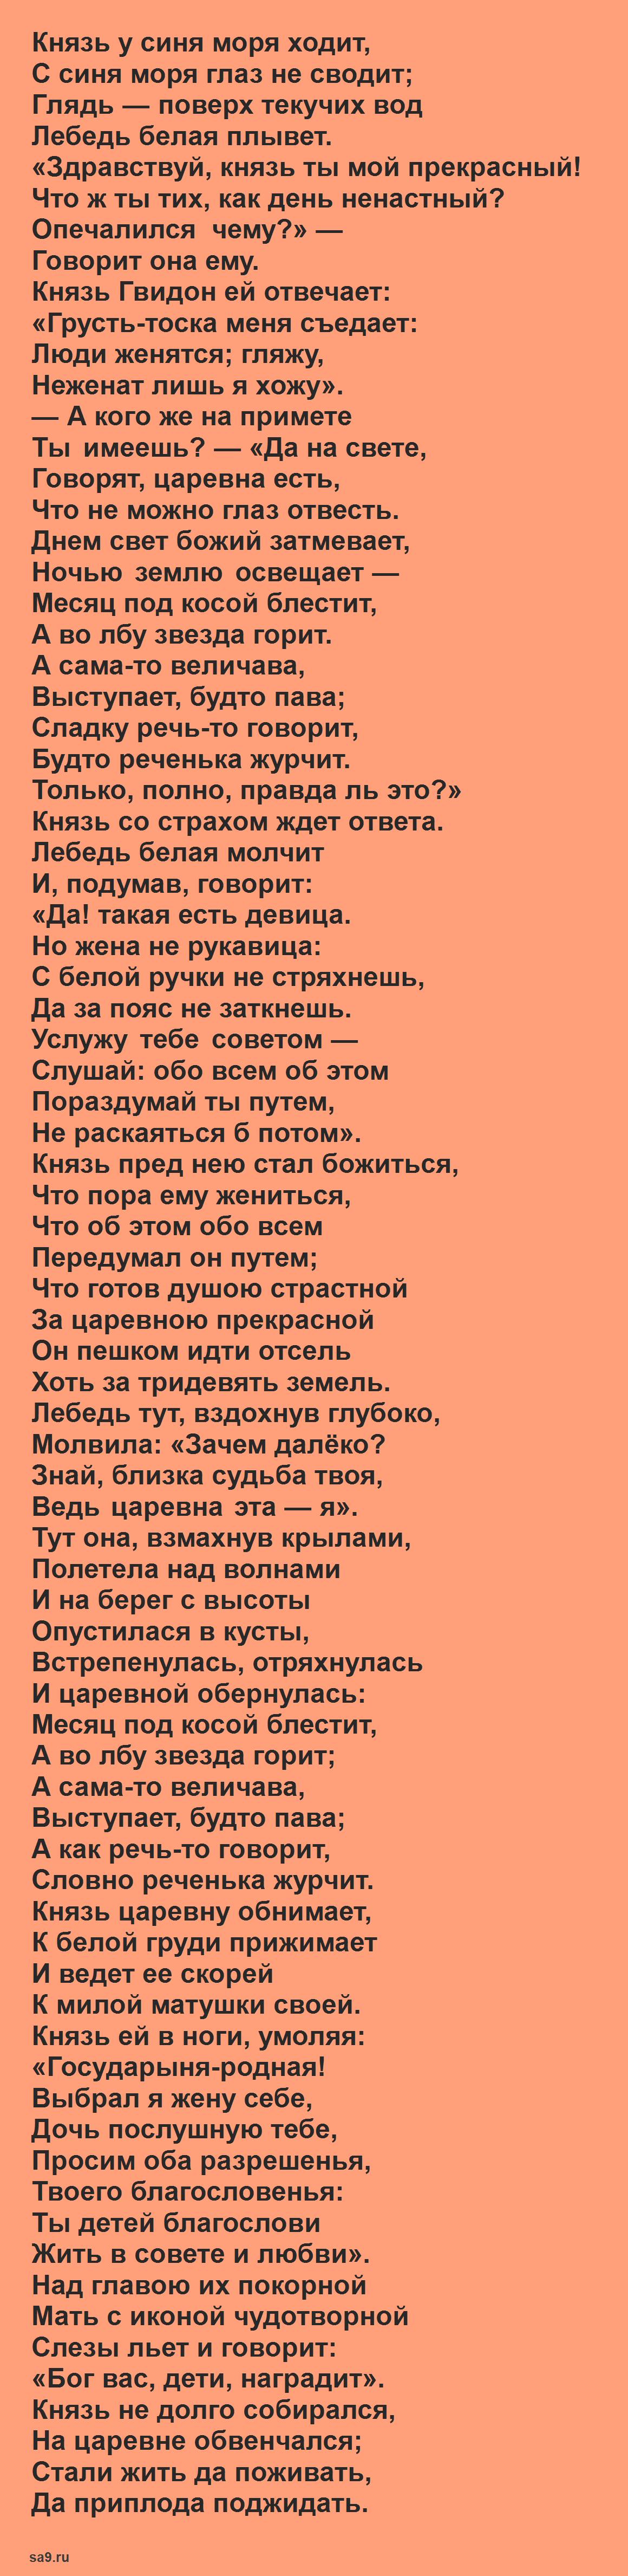 Скачать онлайн бесплатно текст сказки  'О царе Салтане', Пушкин